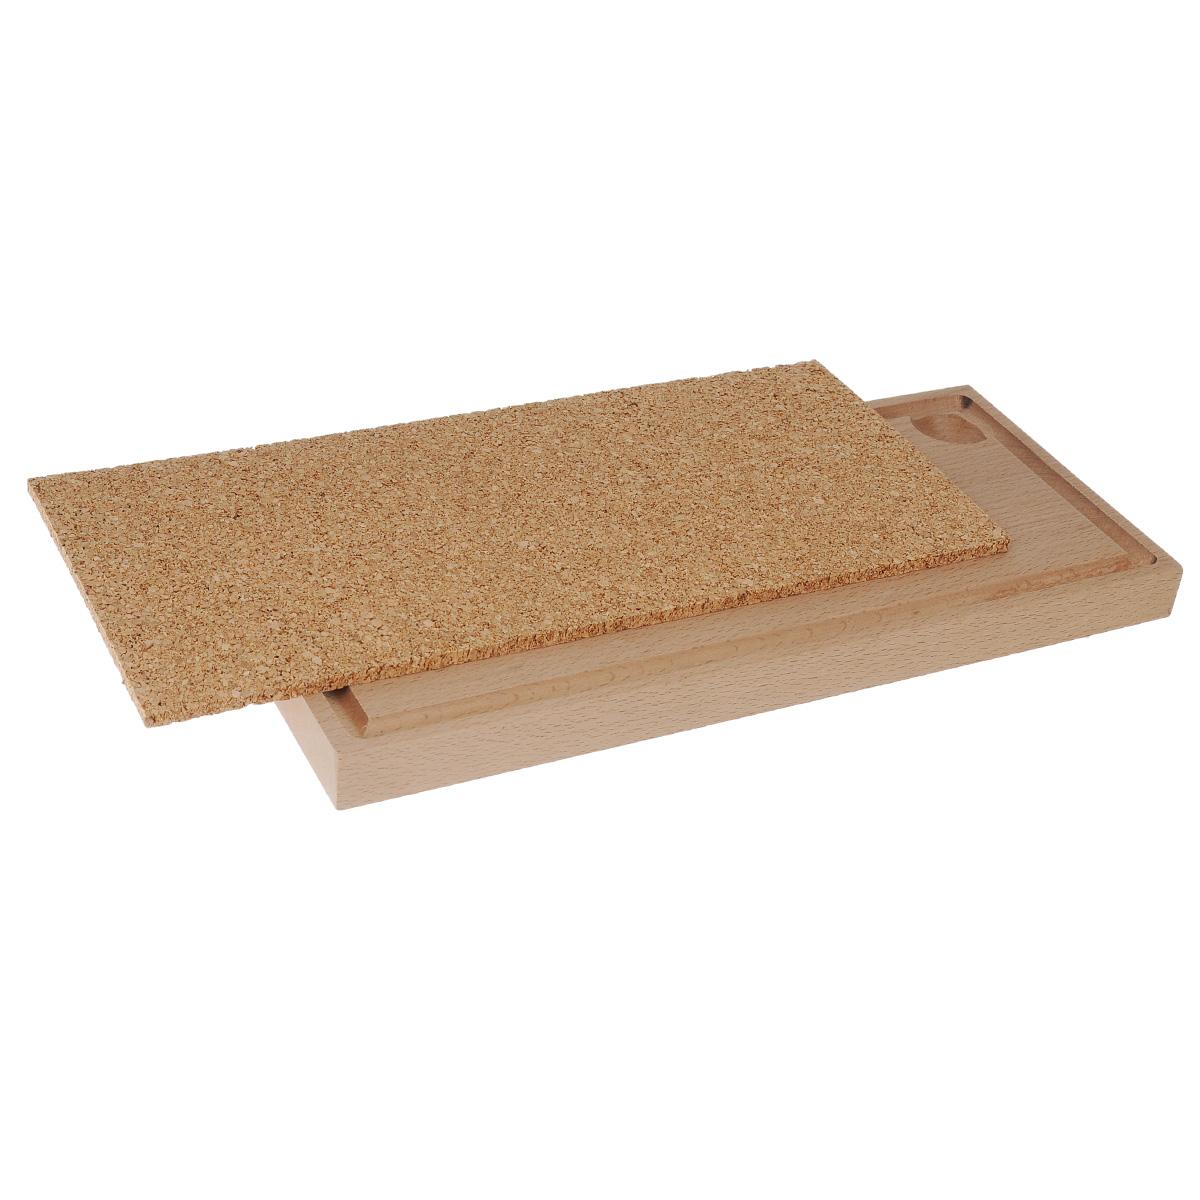 Доска для копчения, 34 см х 15 см х 2,2 смДДКДоска предназначена для копчения. На ней удобно готовить рыбу, мясо, птицу. Выполнена из бука с подставкой из пробкового дерева. Нет необходимости перекладывать в блюдо, можно подавать сразу на доске. Пробковая доска используется как подставка под горячее. Способ применения: перед первым использованием смазать доску оливковым маслом. Поместить доску в печь с температурой 100°С на два часа. Удалить с доски избыток масла. Бук, пробковое дерево